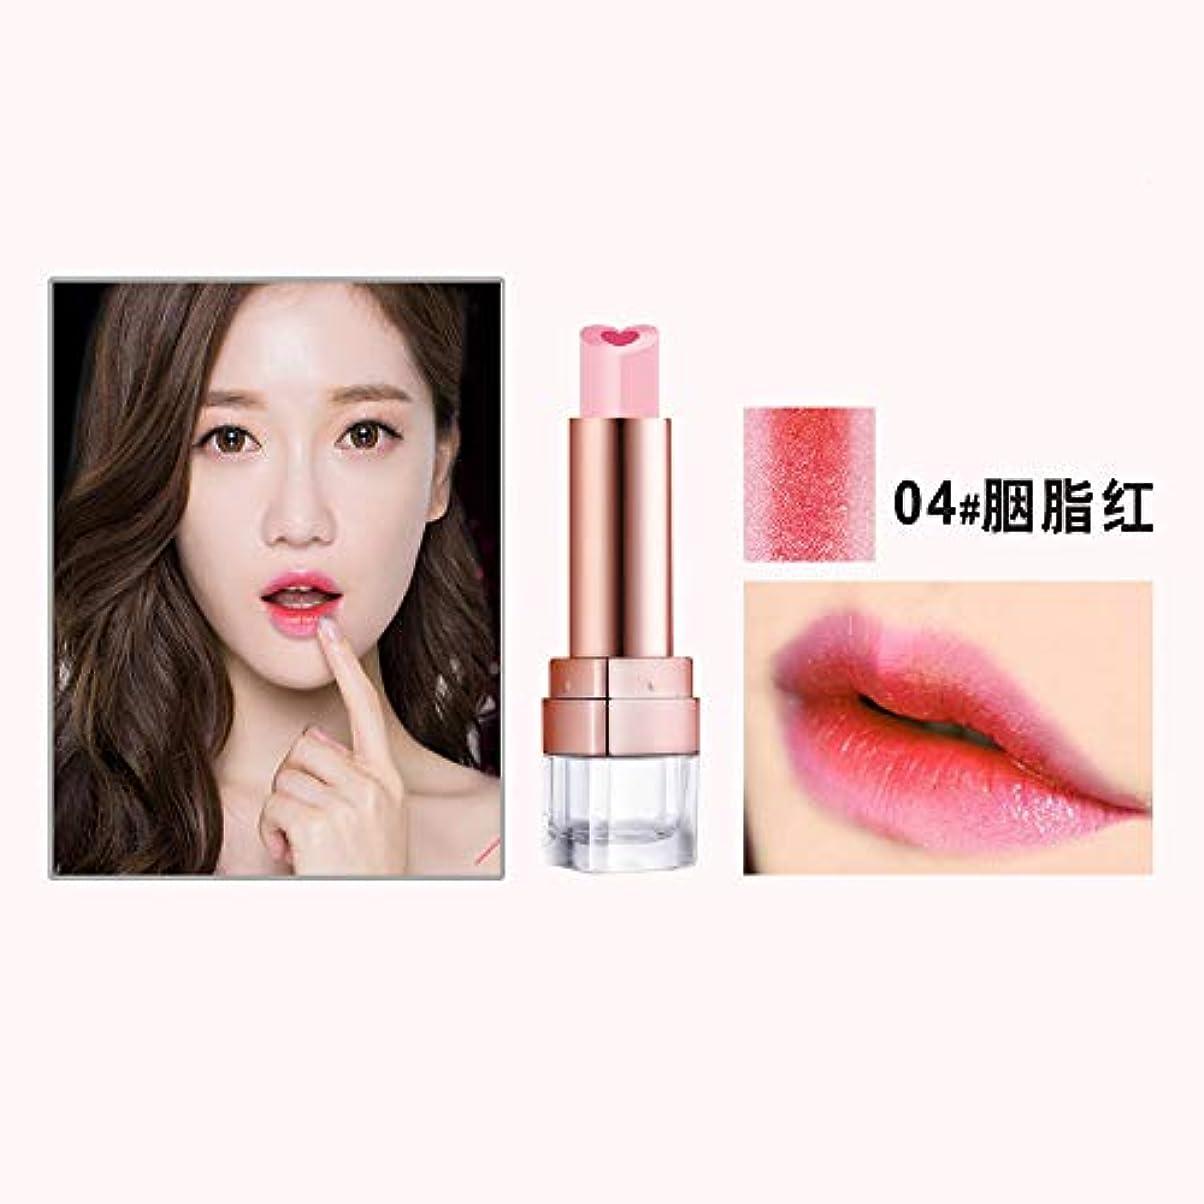 マナーカール不規則な口紅 リップスティック 唇のメイクをかむ 人気 3D 立体 二重色 落ない うるおい 6色選択可能 (04)